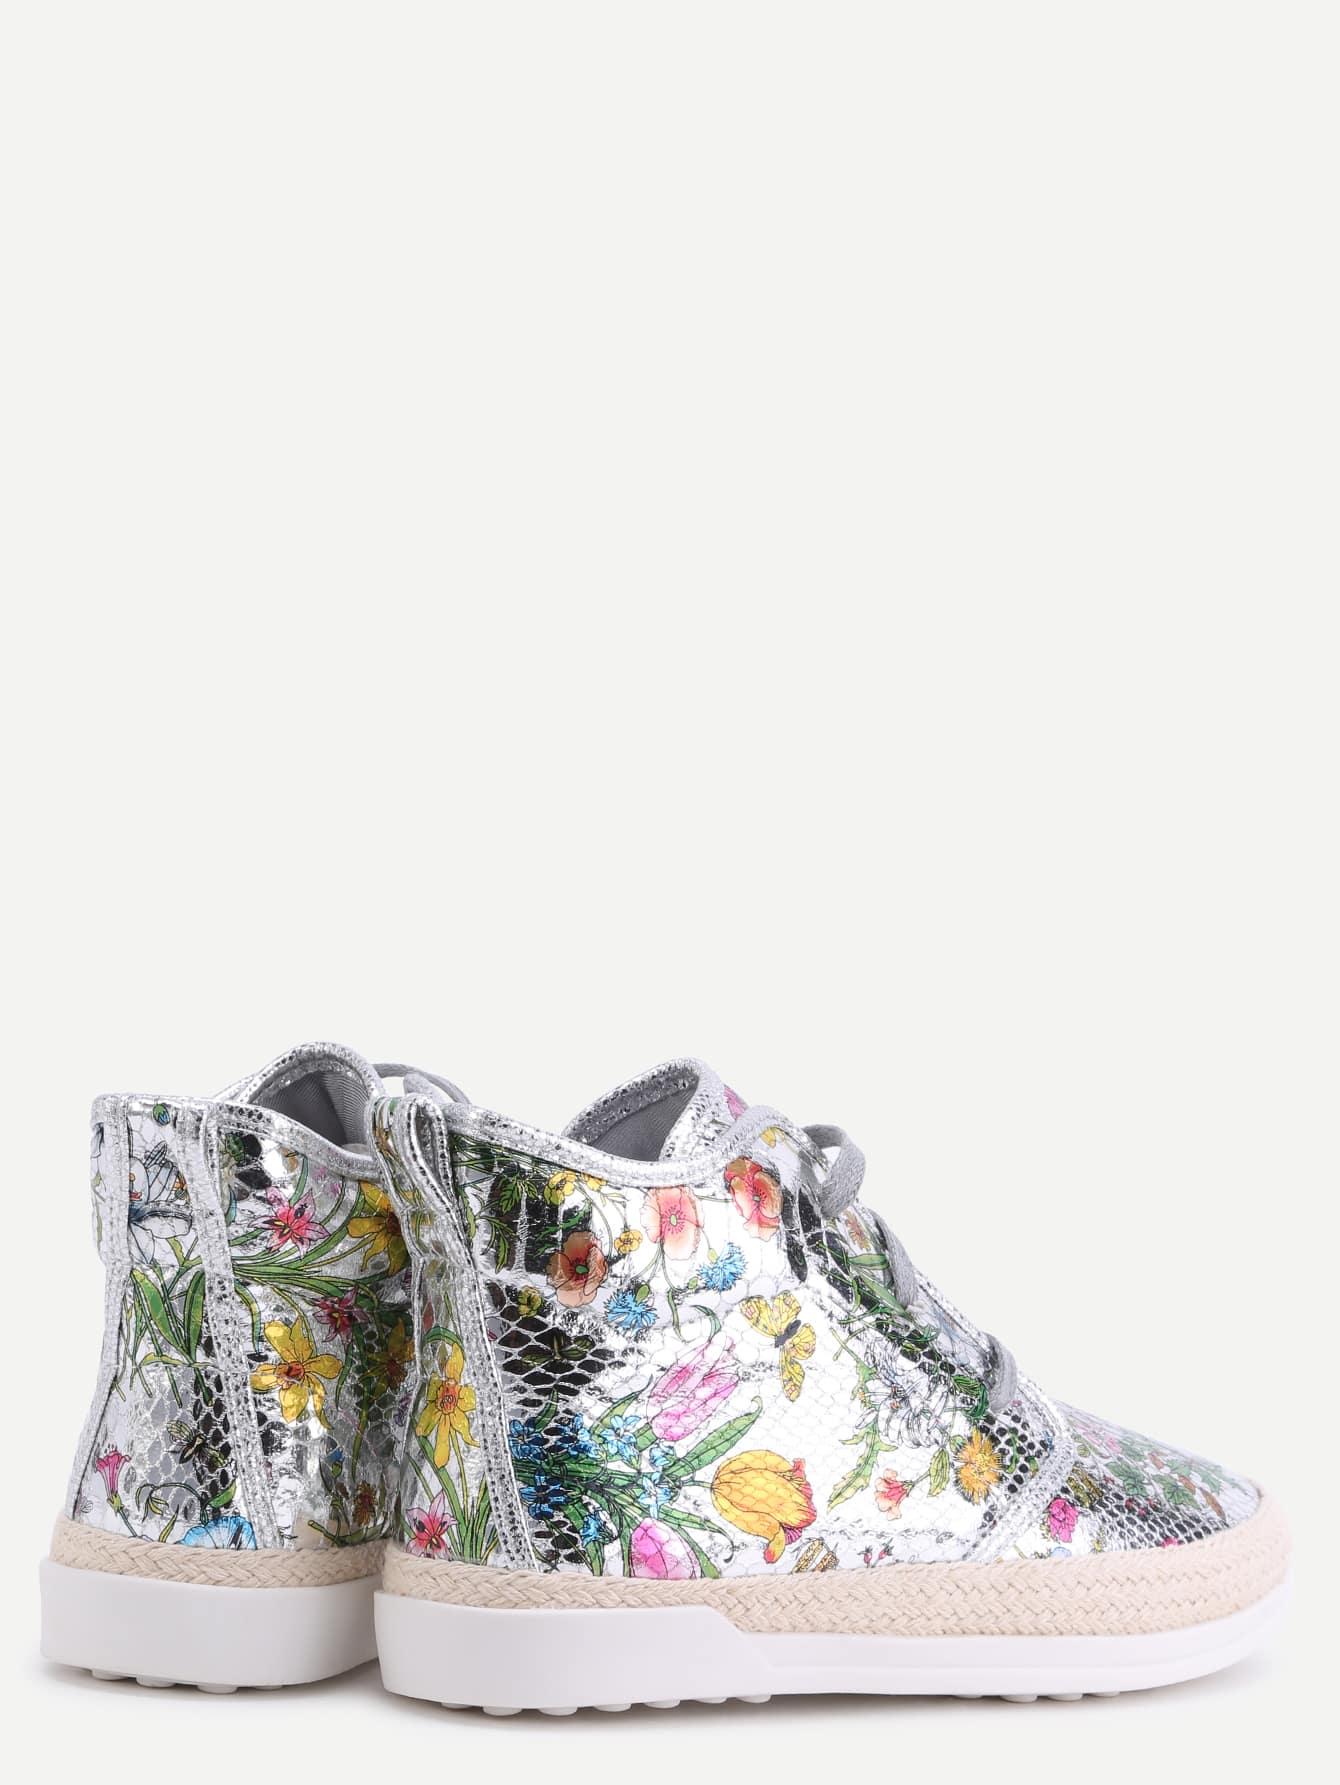 shoes161007815_2